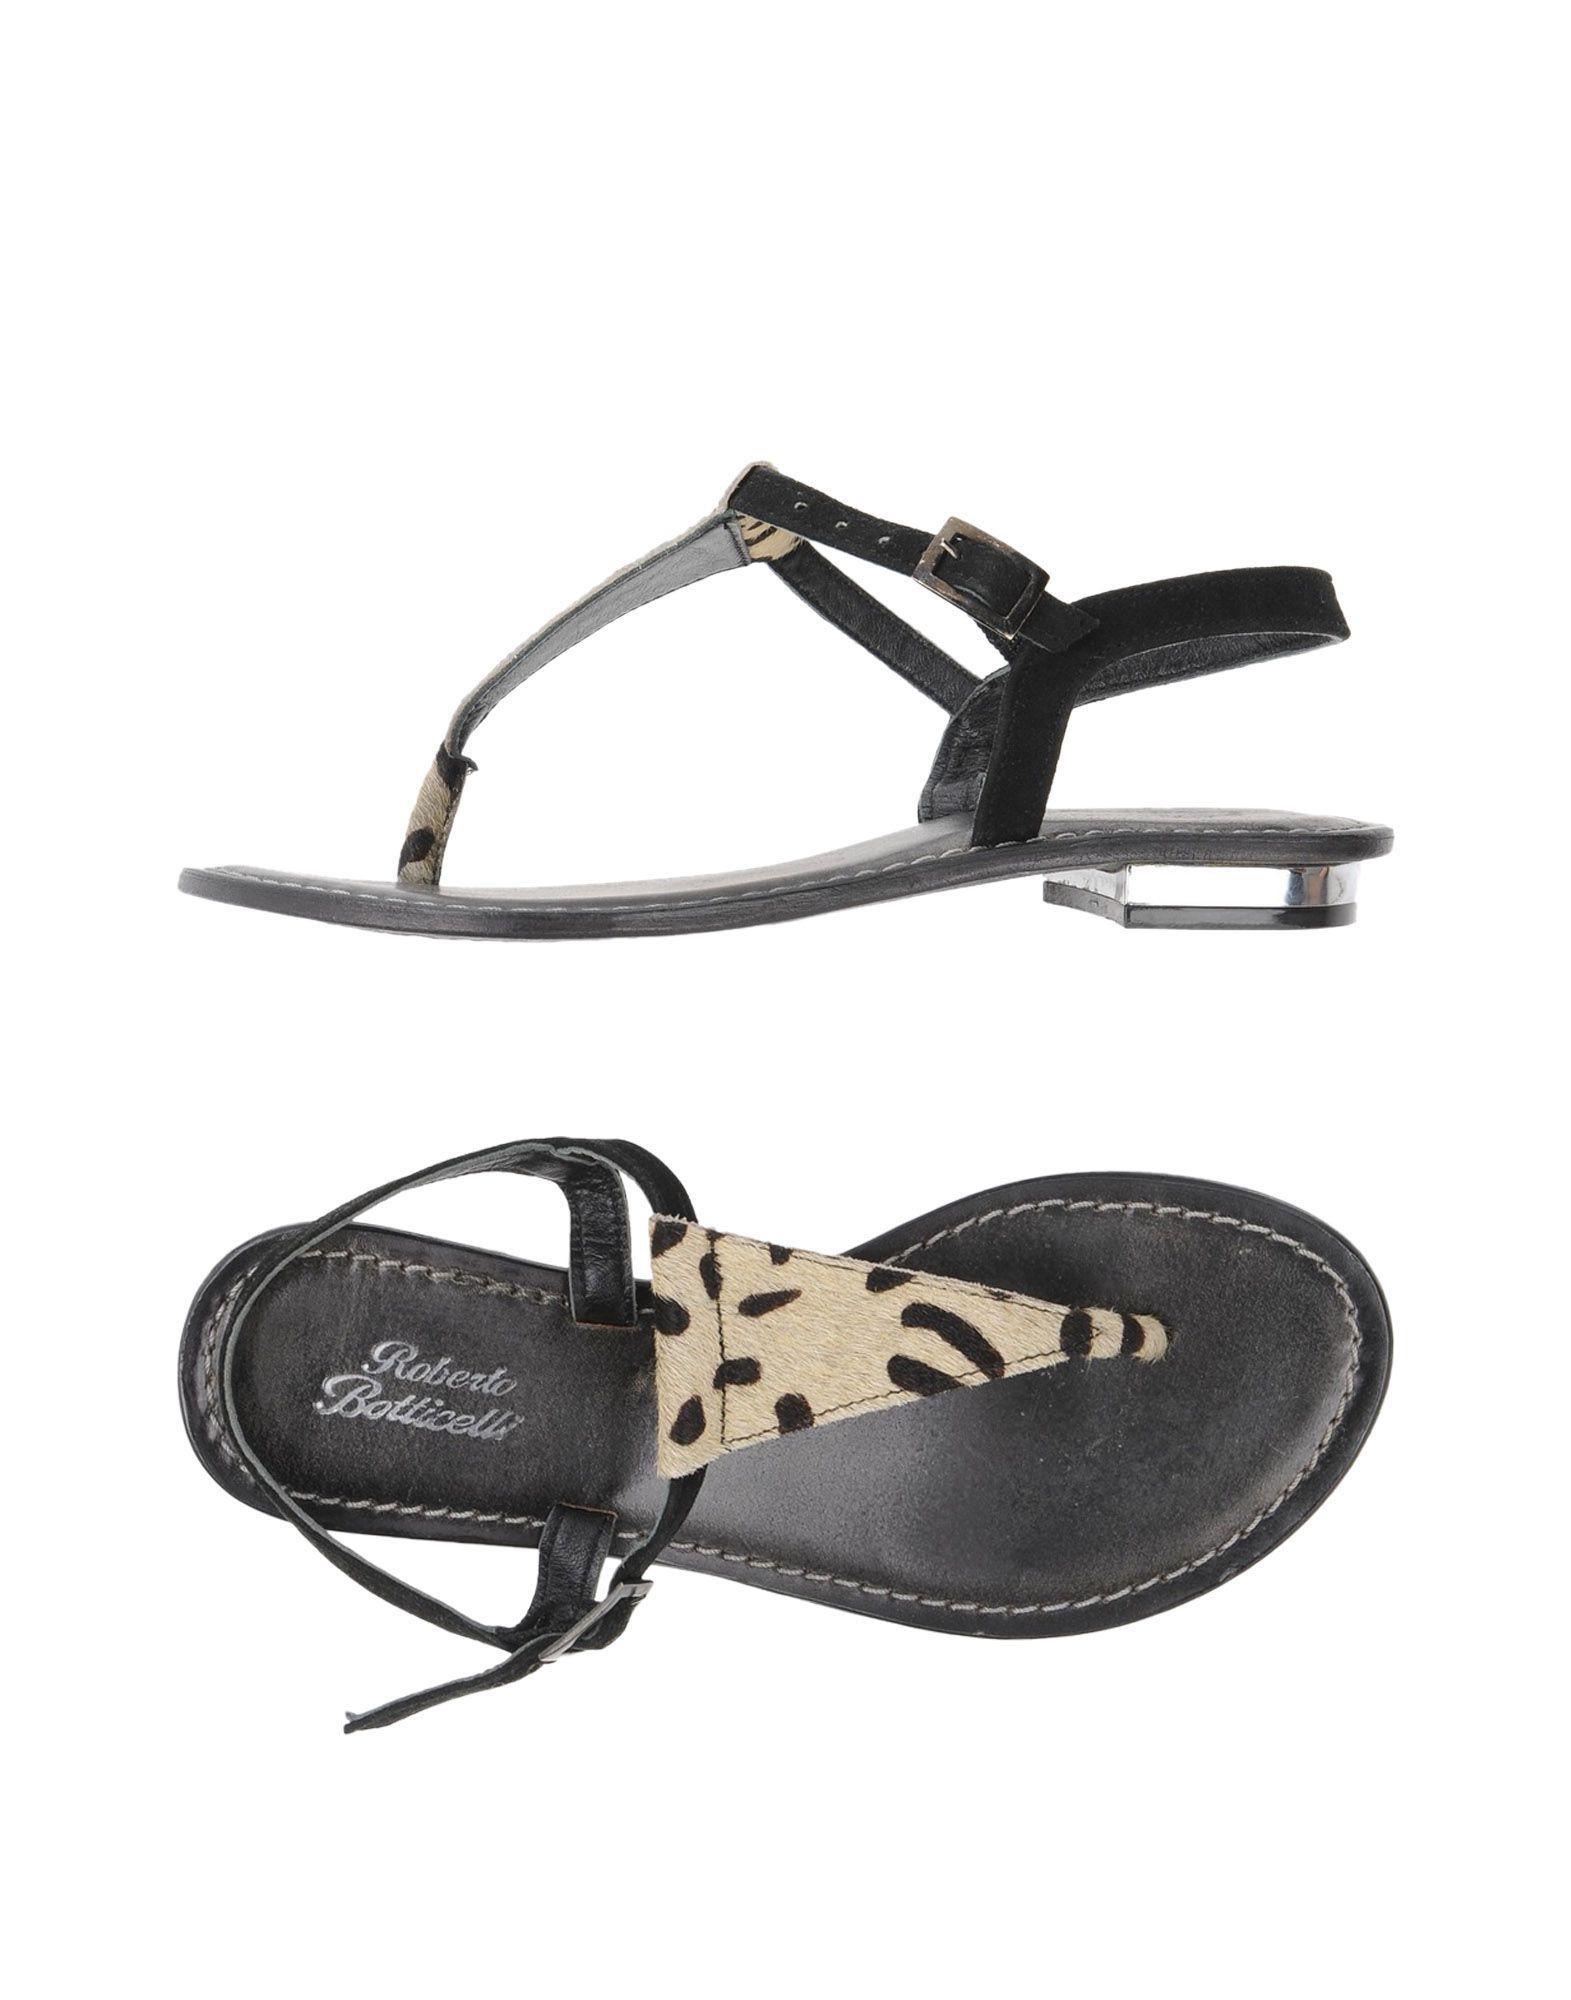 Roberto Botticelli Dianetten Damen  11327296GE Gute Qualität beliebte Schuhe